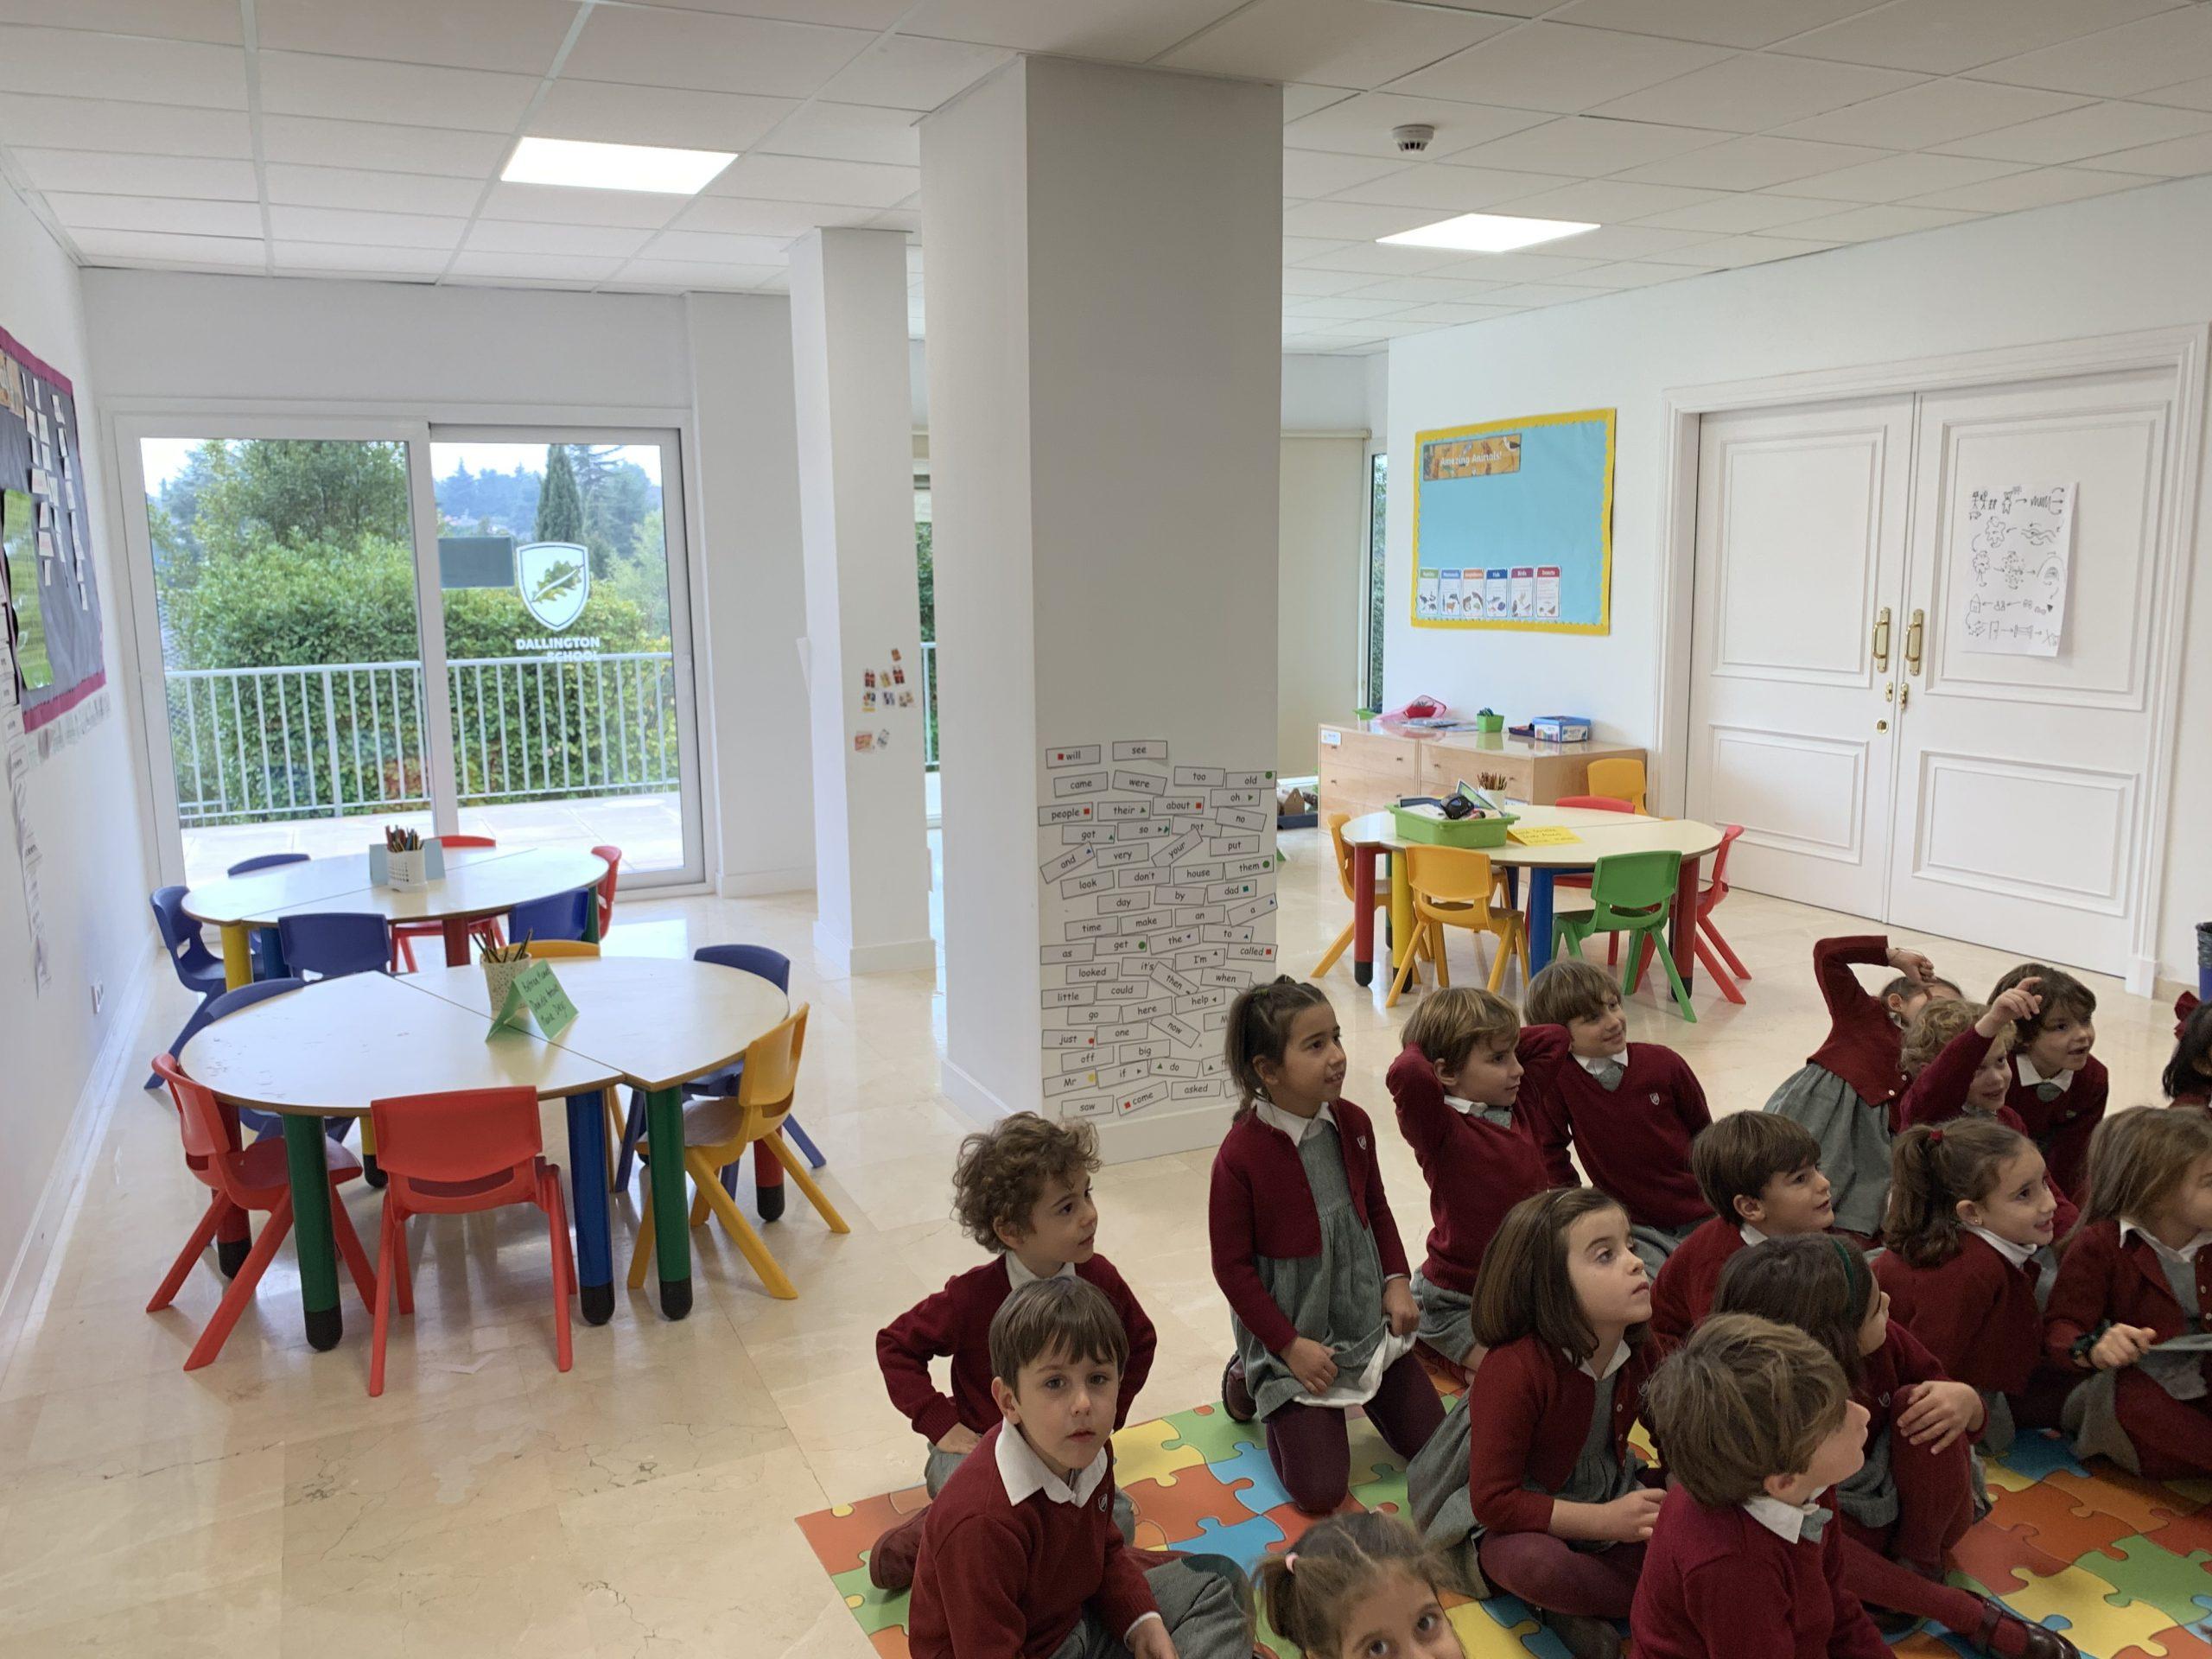 primaria-y-secundaria-darllington-school-3